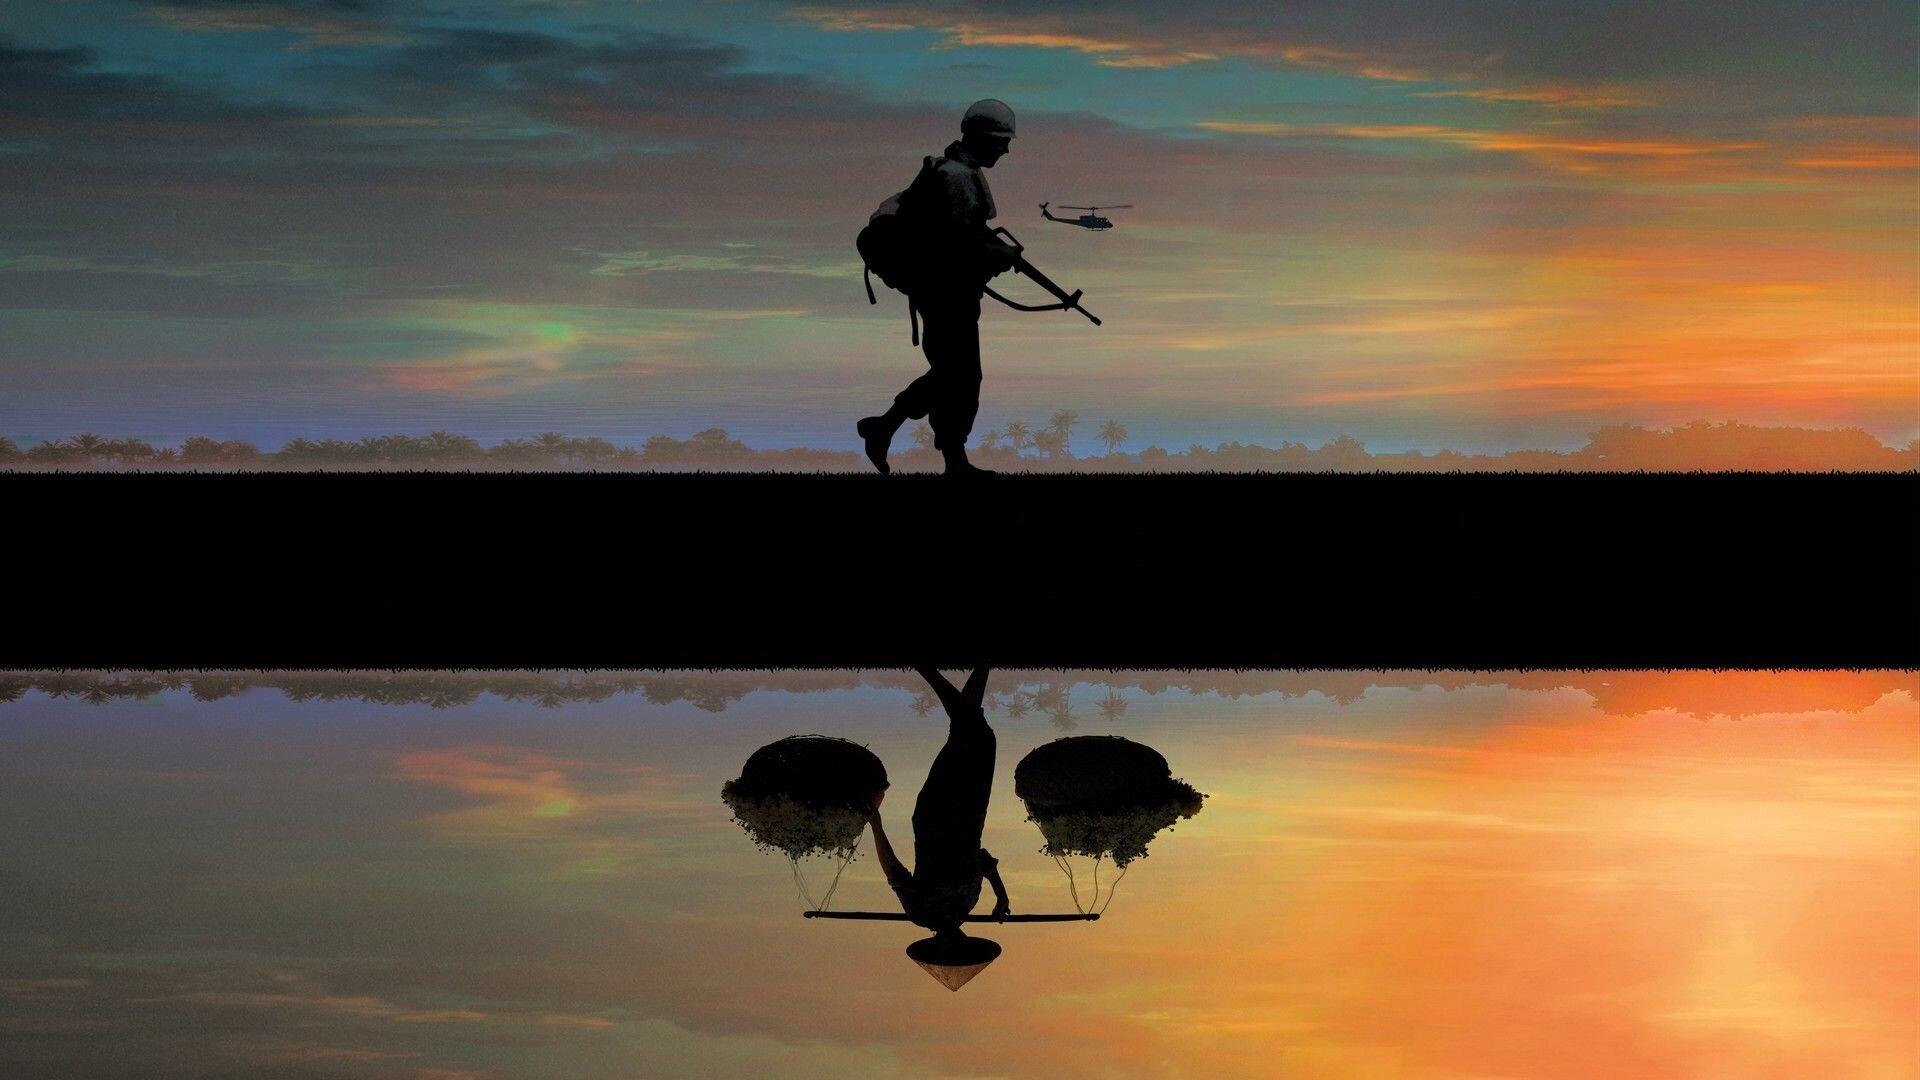 Show The Vietnam War